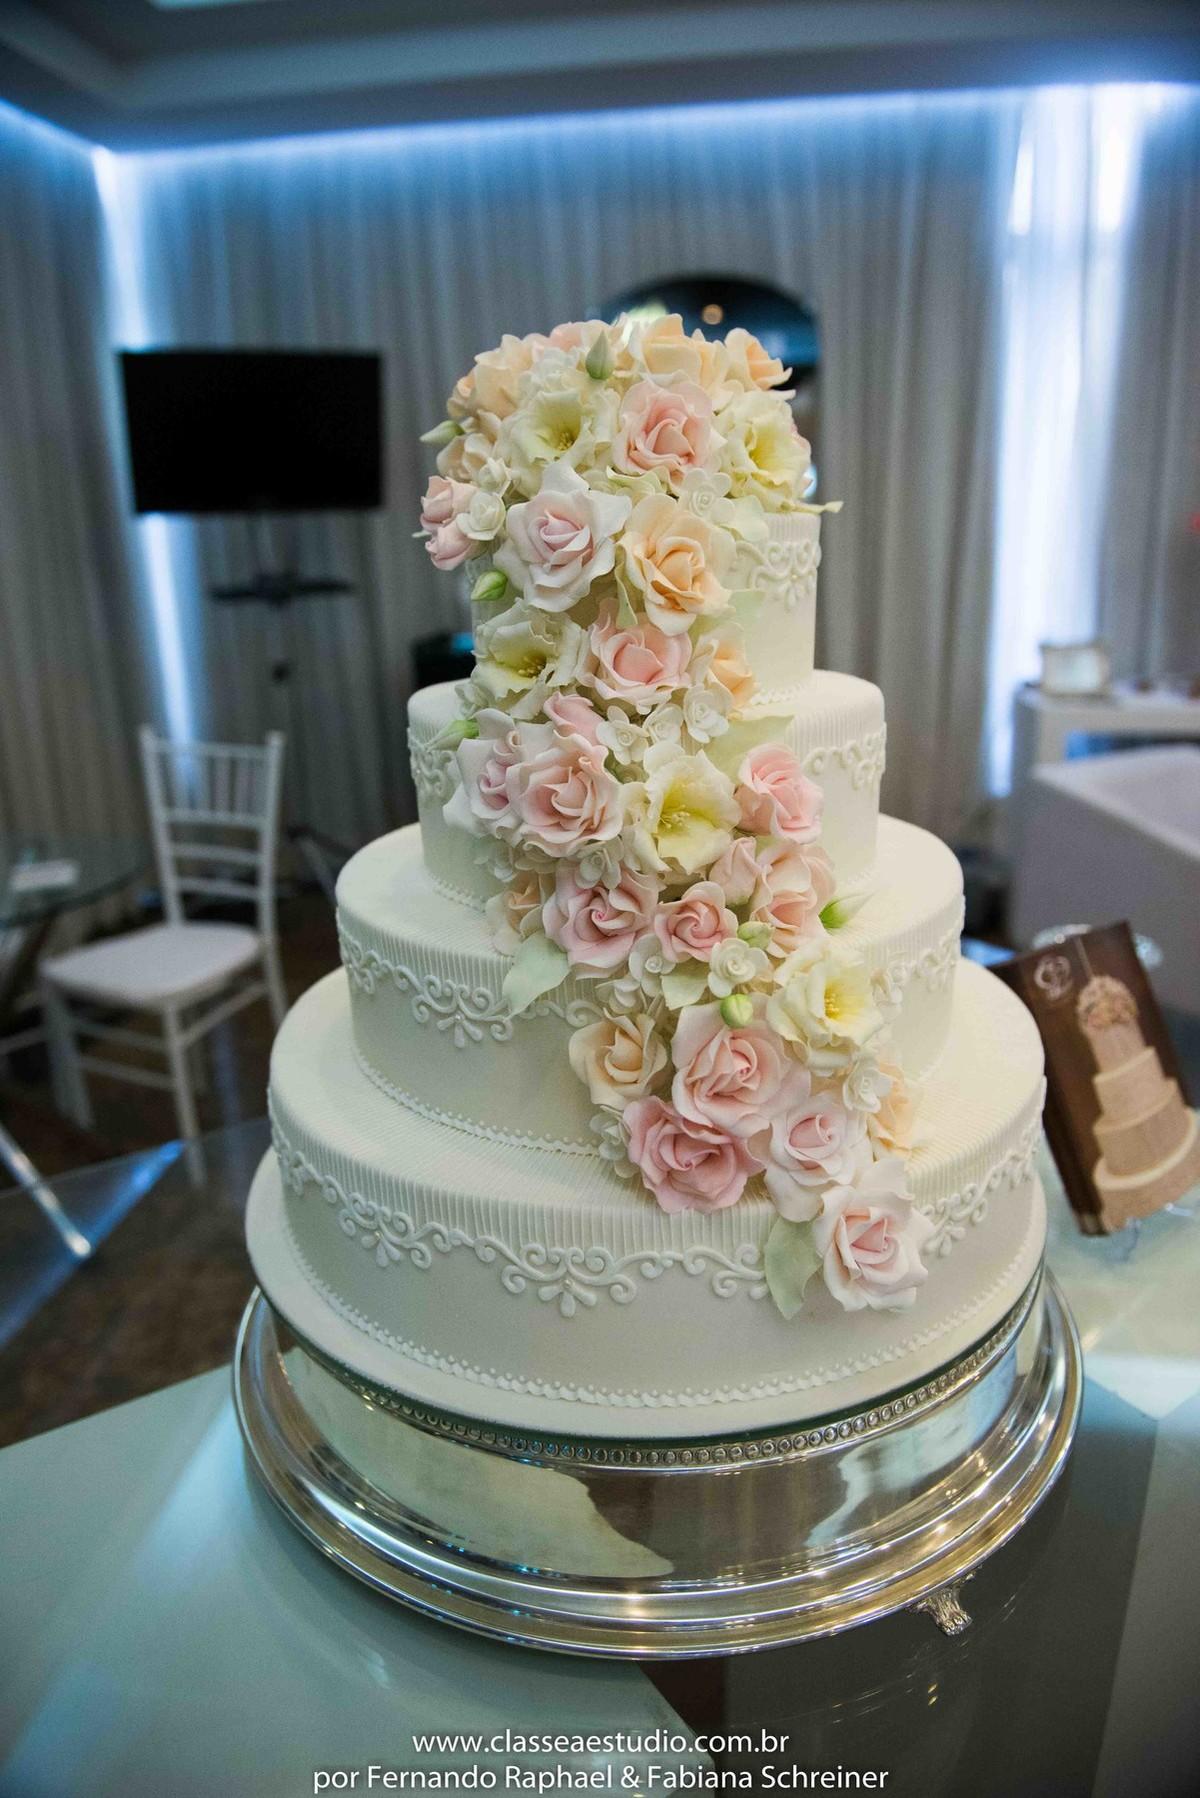 Lounge de Cassia Pereira bolos artisticos no salão de noivas e festas wedding day